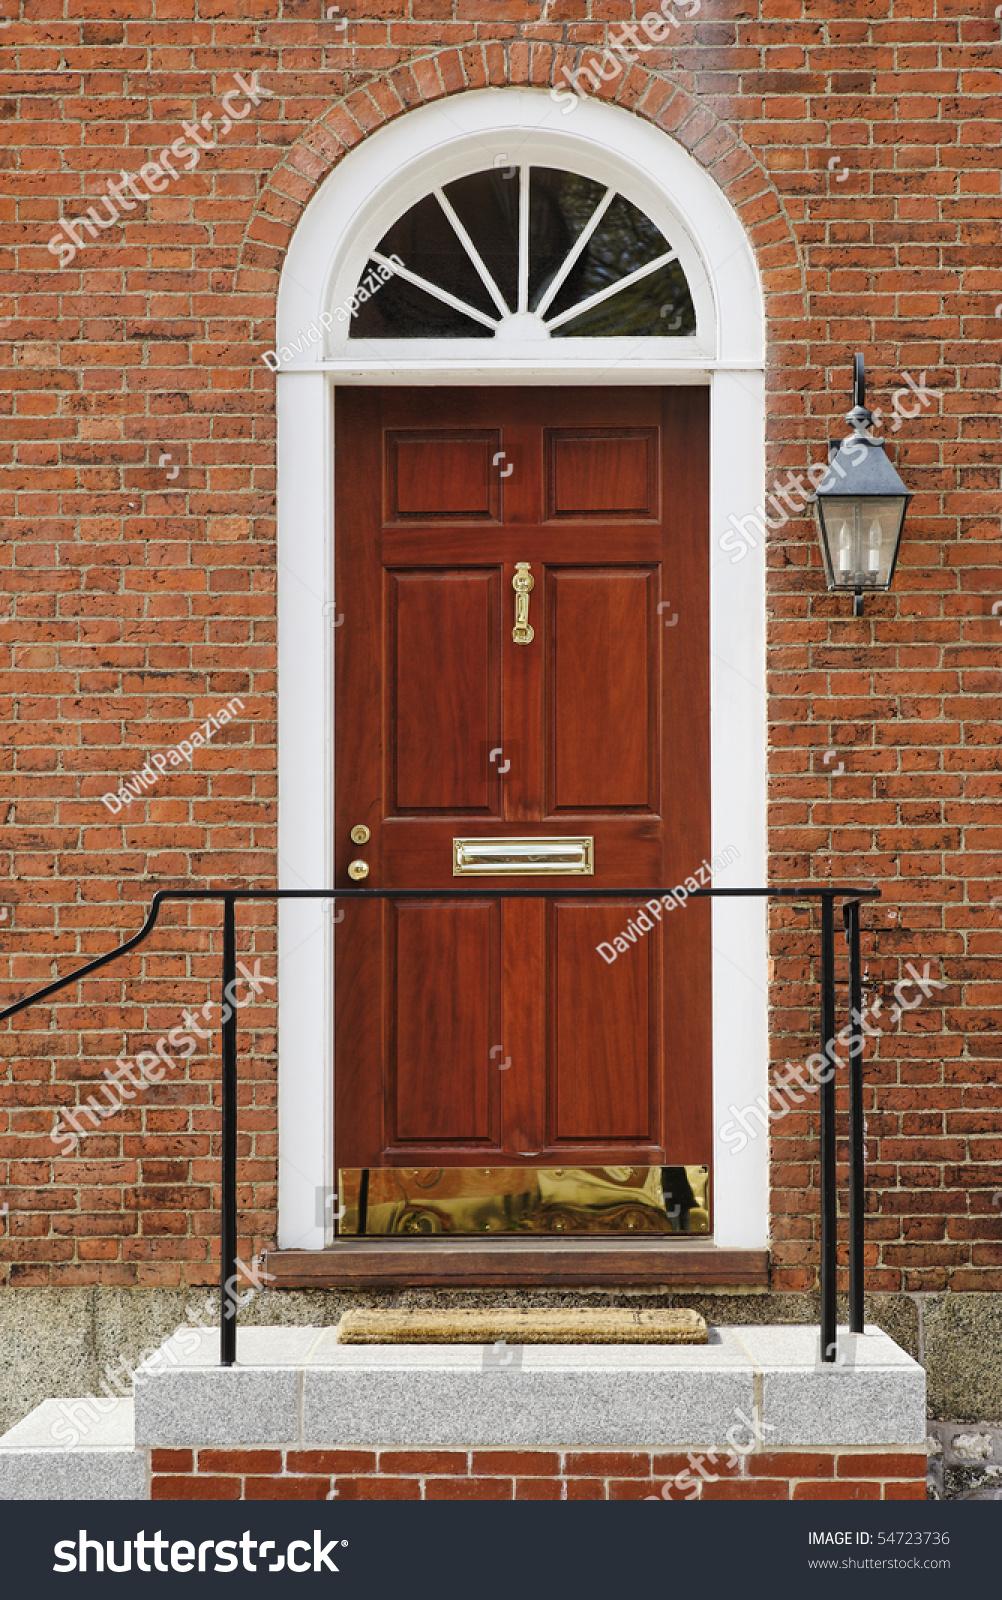 Elegant Red Door Brass Accents Brick Stock Photo Edit Now 54723736